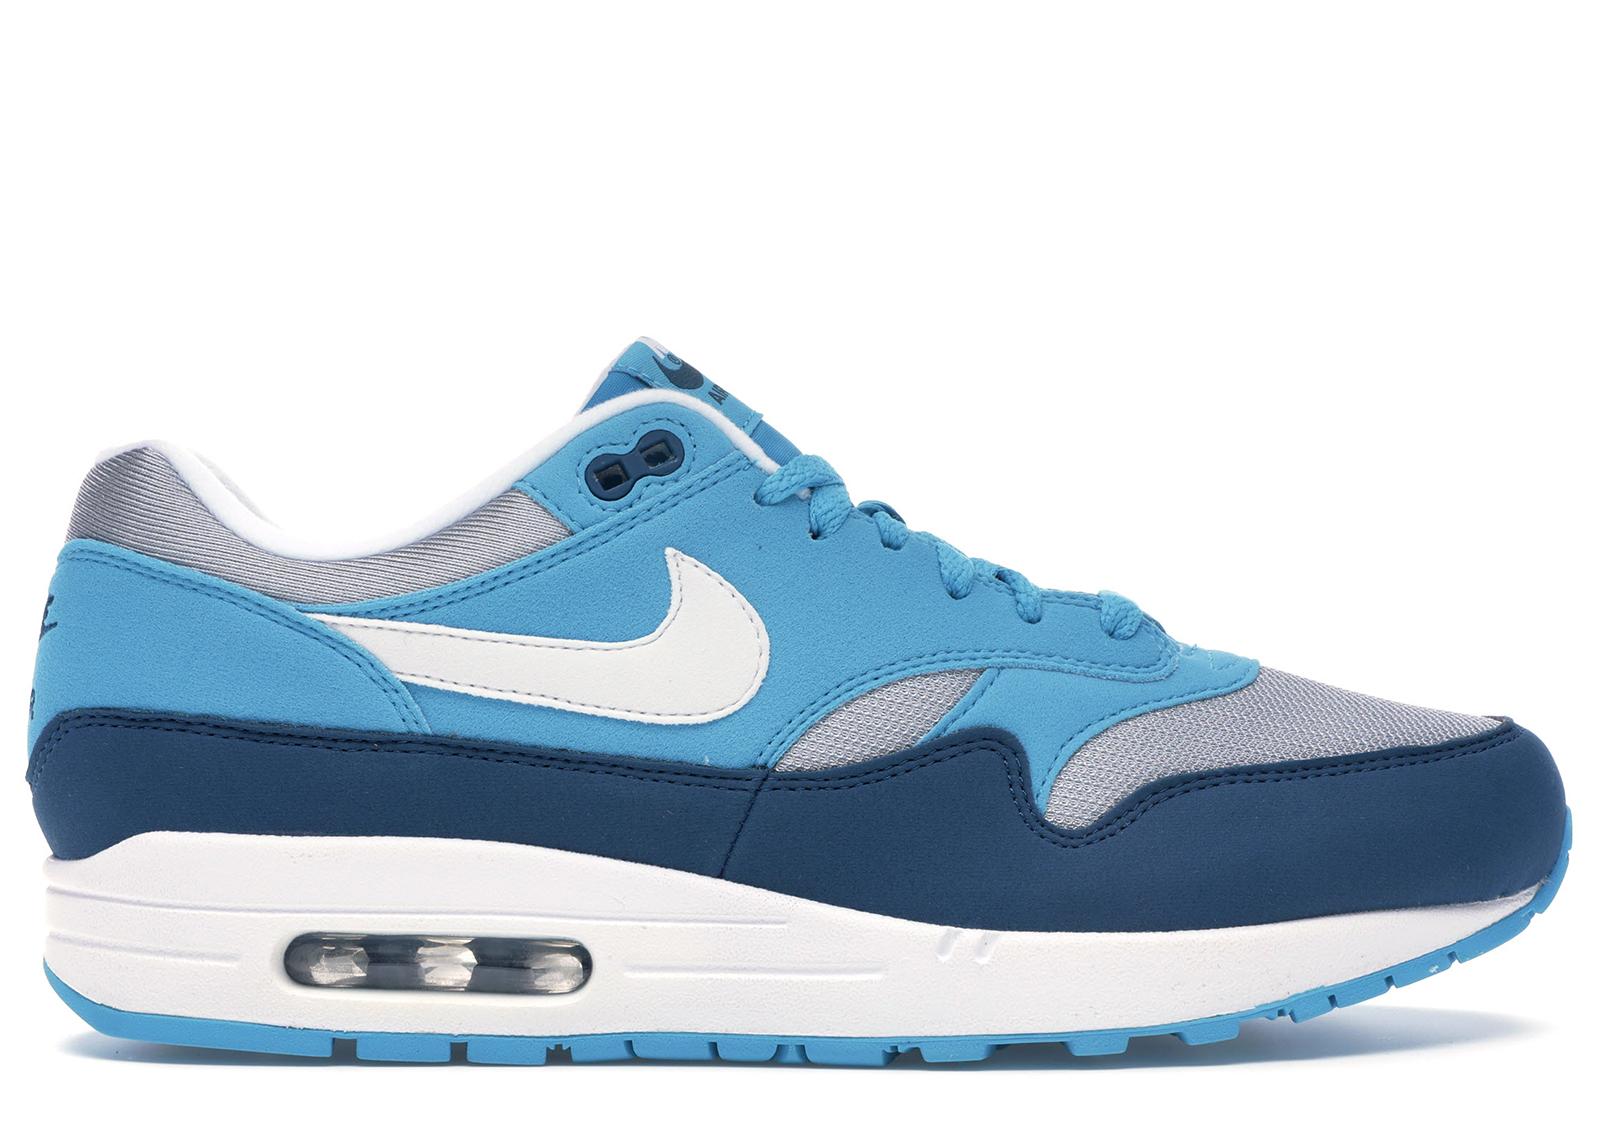 Nike Air Max 1 Blue Fury - AH8145-002